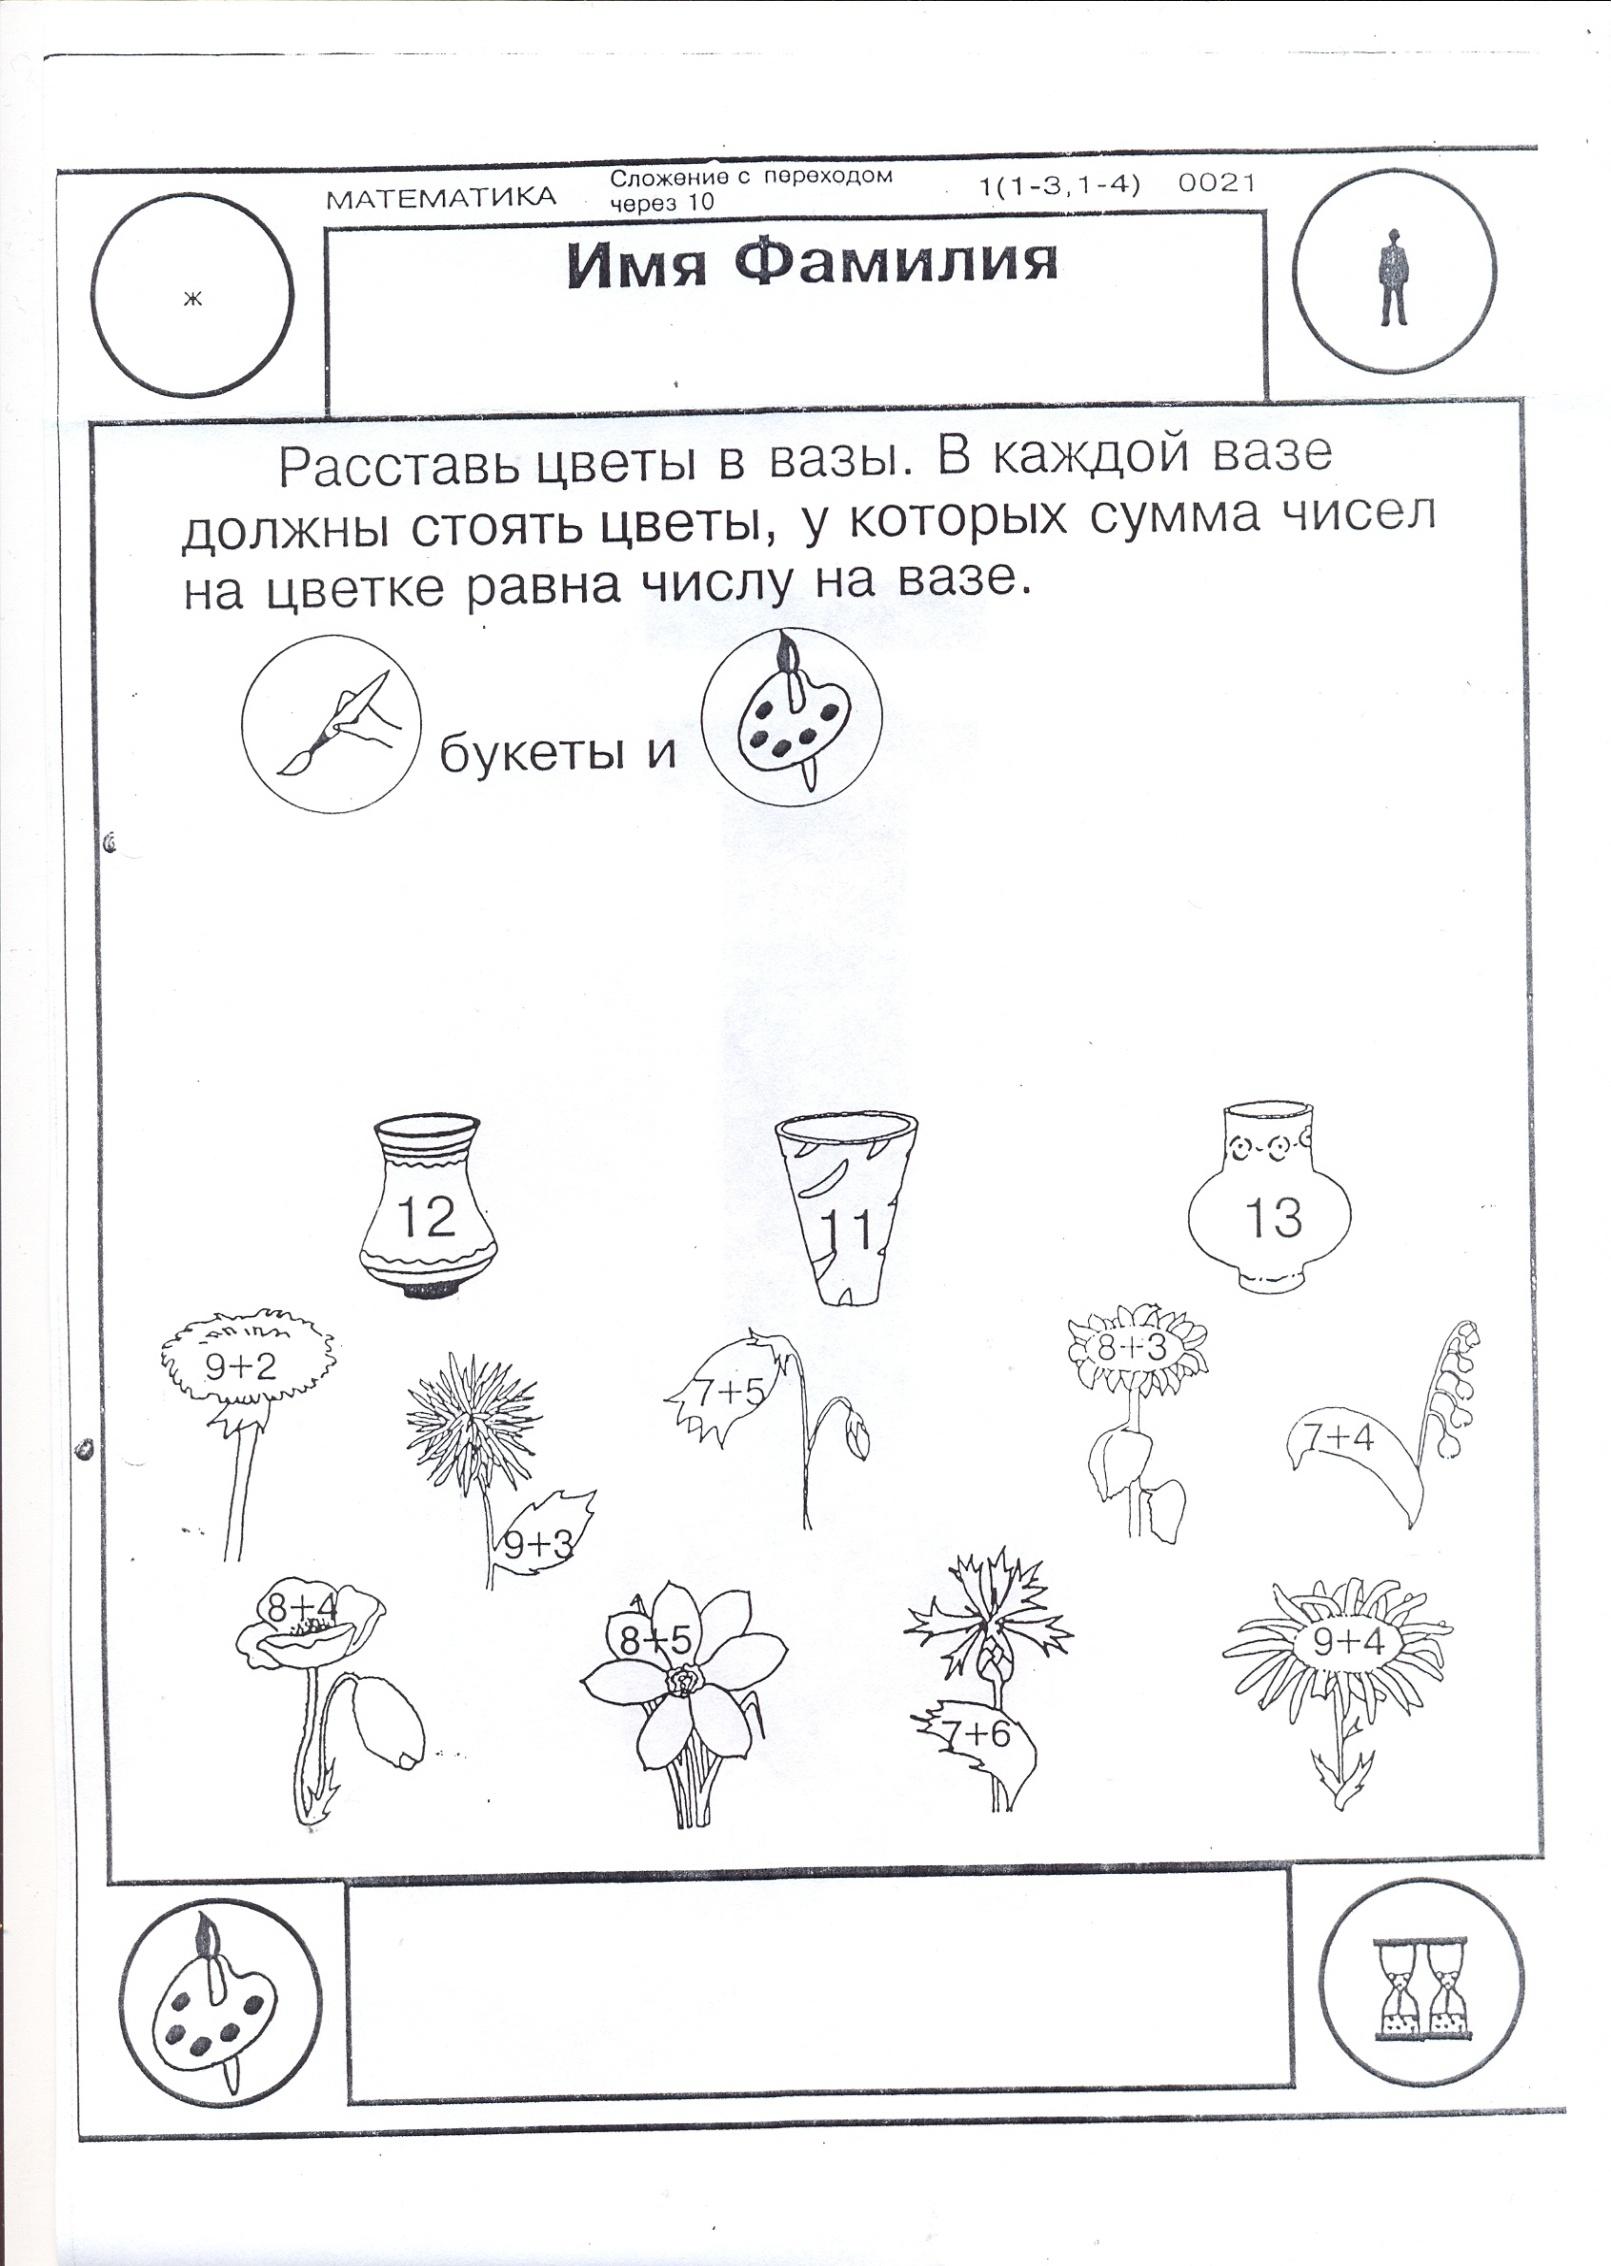 C:\Users\Ирина\Documents\сканирование0003.jpg